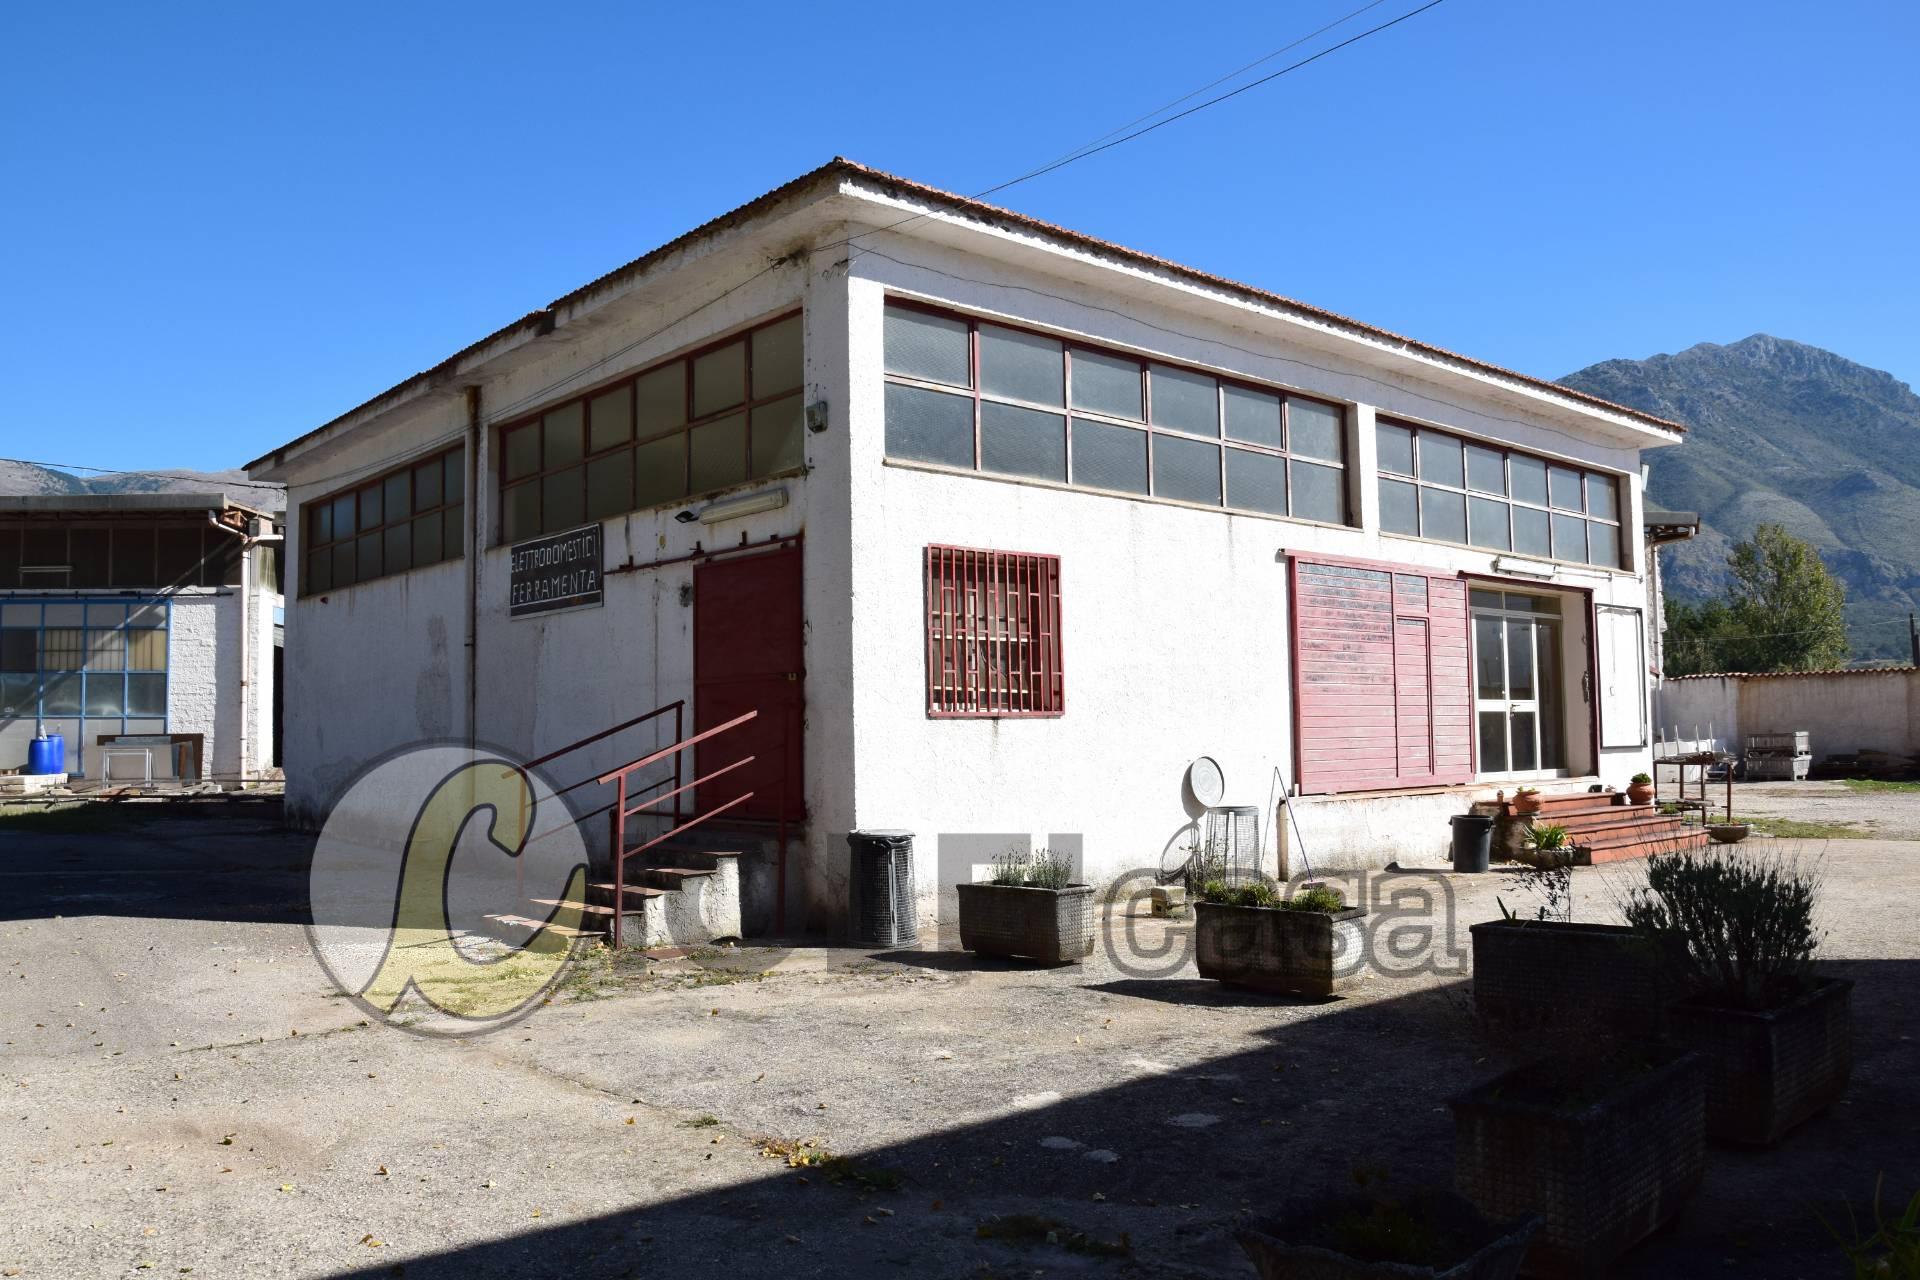 Negozio / Locale in vendita a San Vittore del Lazio, 9999 locali, zona Località: Casilina, prezzo € 150.000 | CambioCasa.it